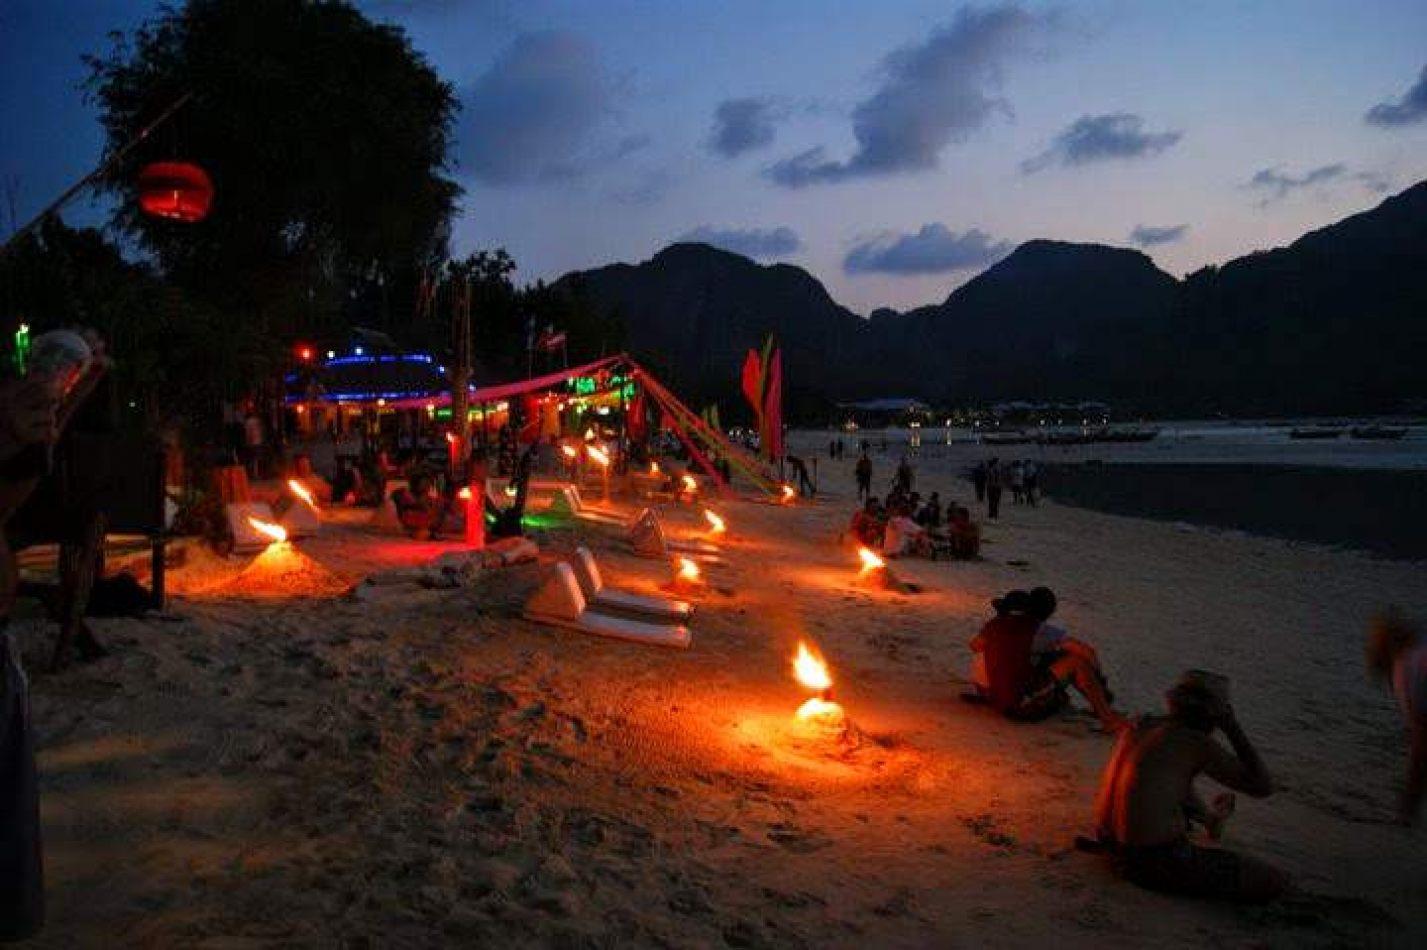 Hibiscus & Nomada : Thailand - Sairee Beach